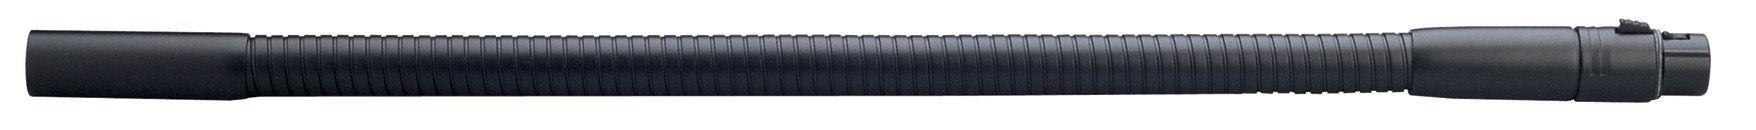 K&M 230/3 Schwanenhals schwarz